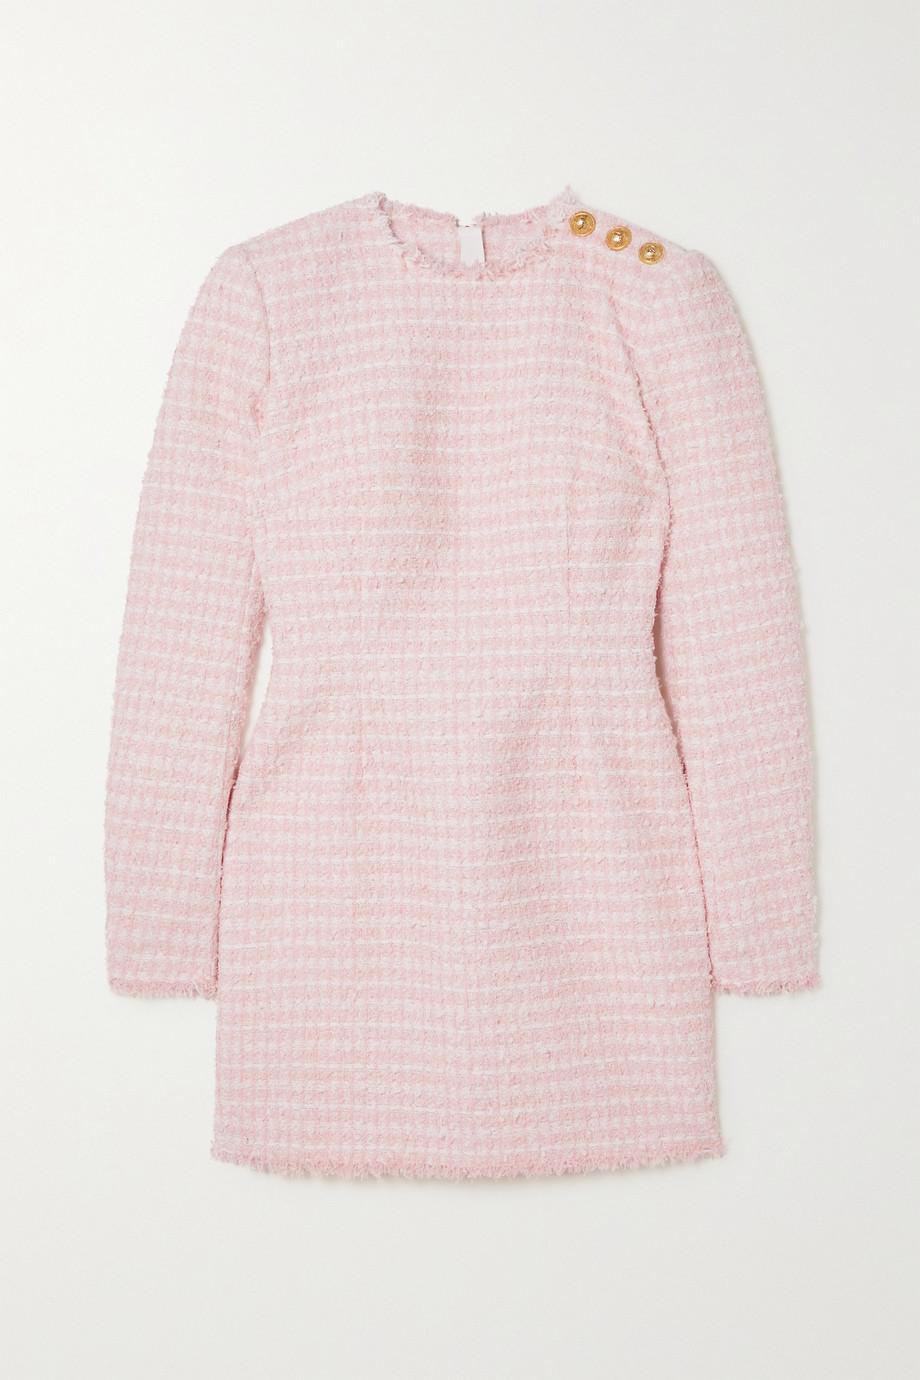 Balmain Minikleid aus kariertem Tweed mit Zierknöpfen